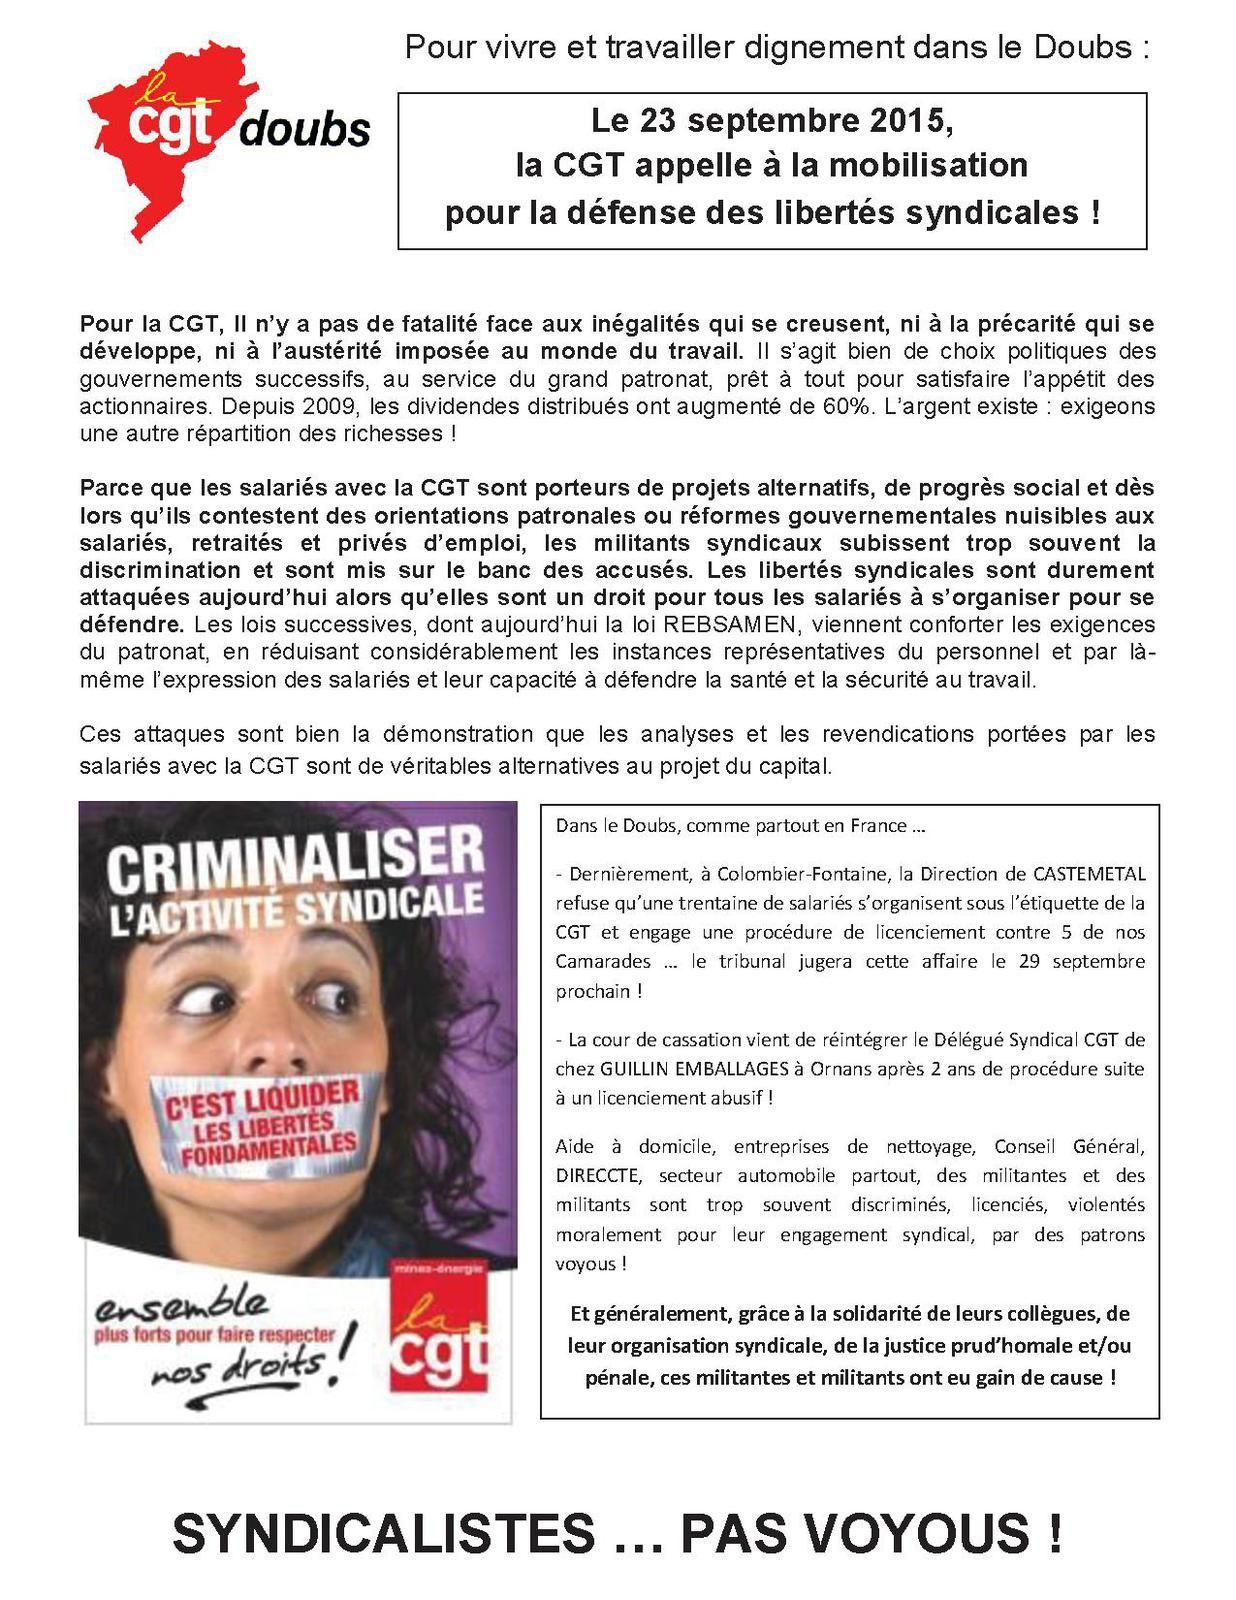 Rassemblement à Montbéliard pour la défense des libertés syndicales